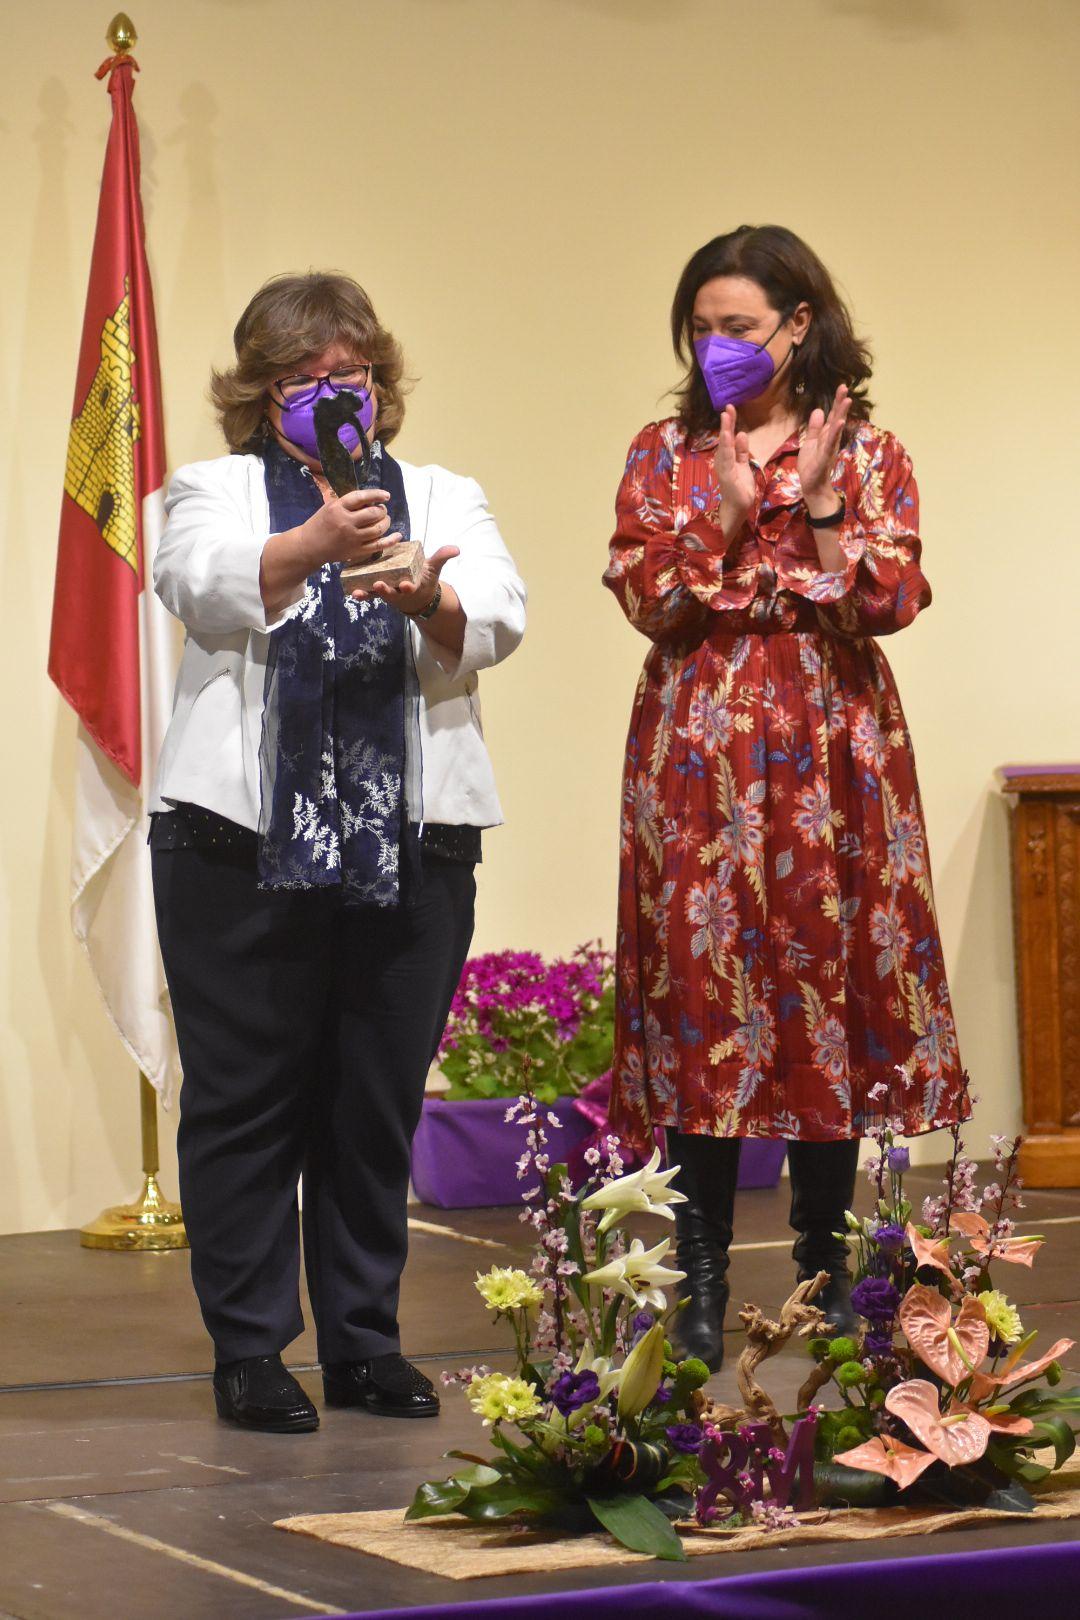 Premio Empoderamiento y Liderazgo. Ayto Ciudad Real